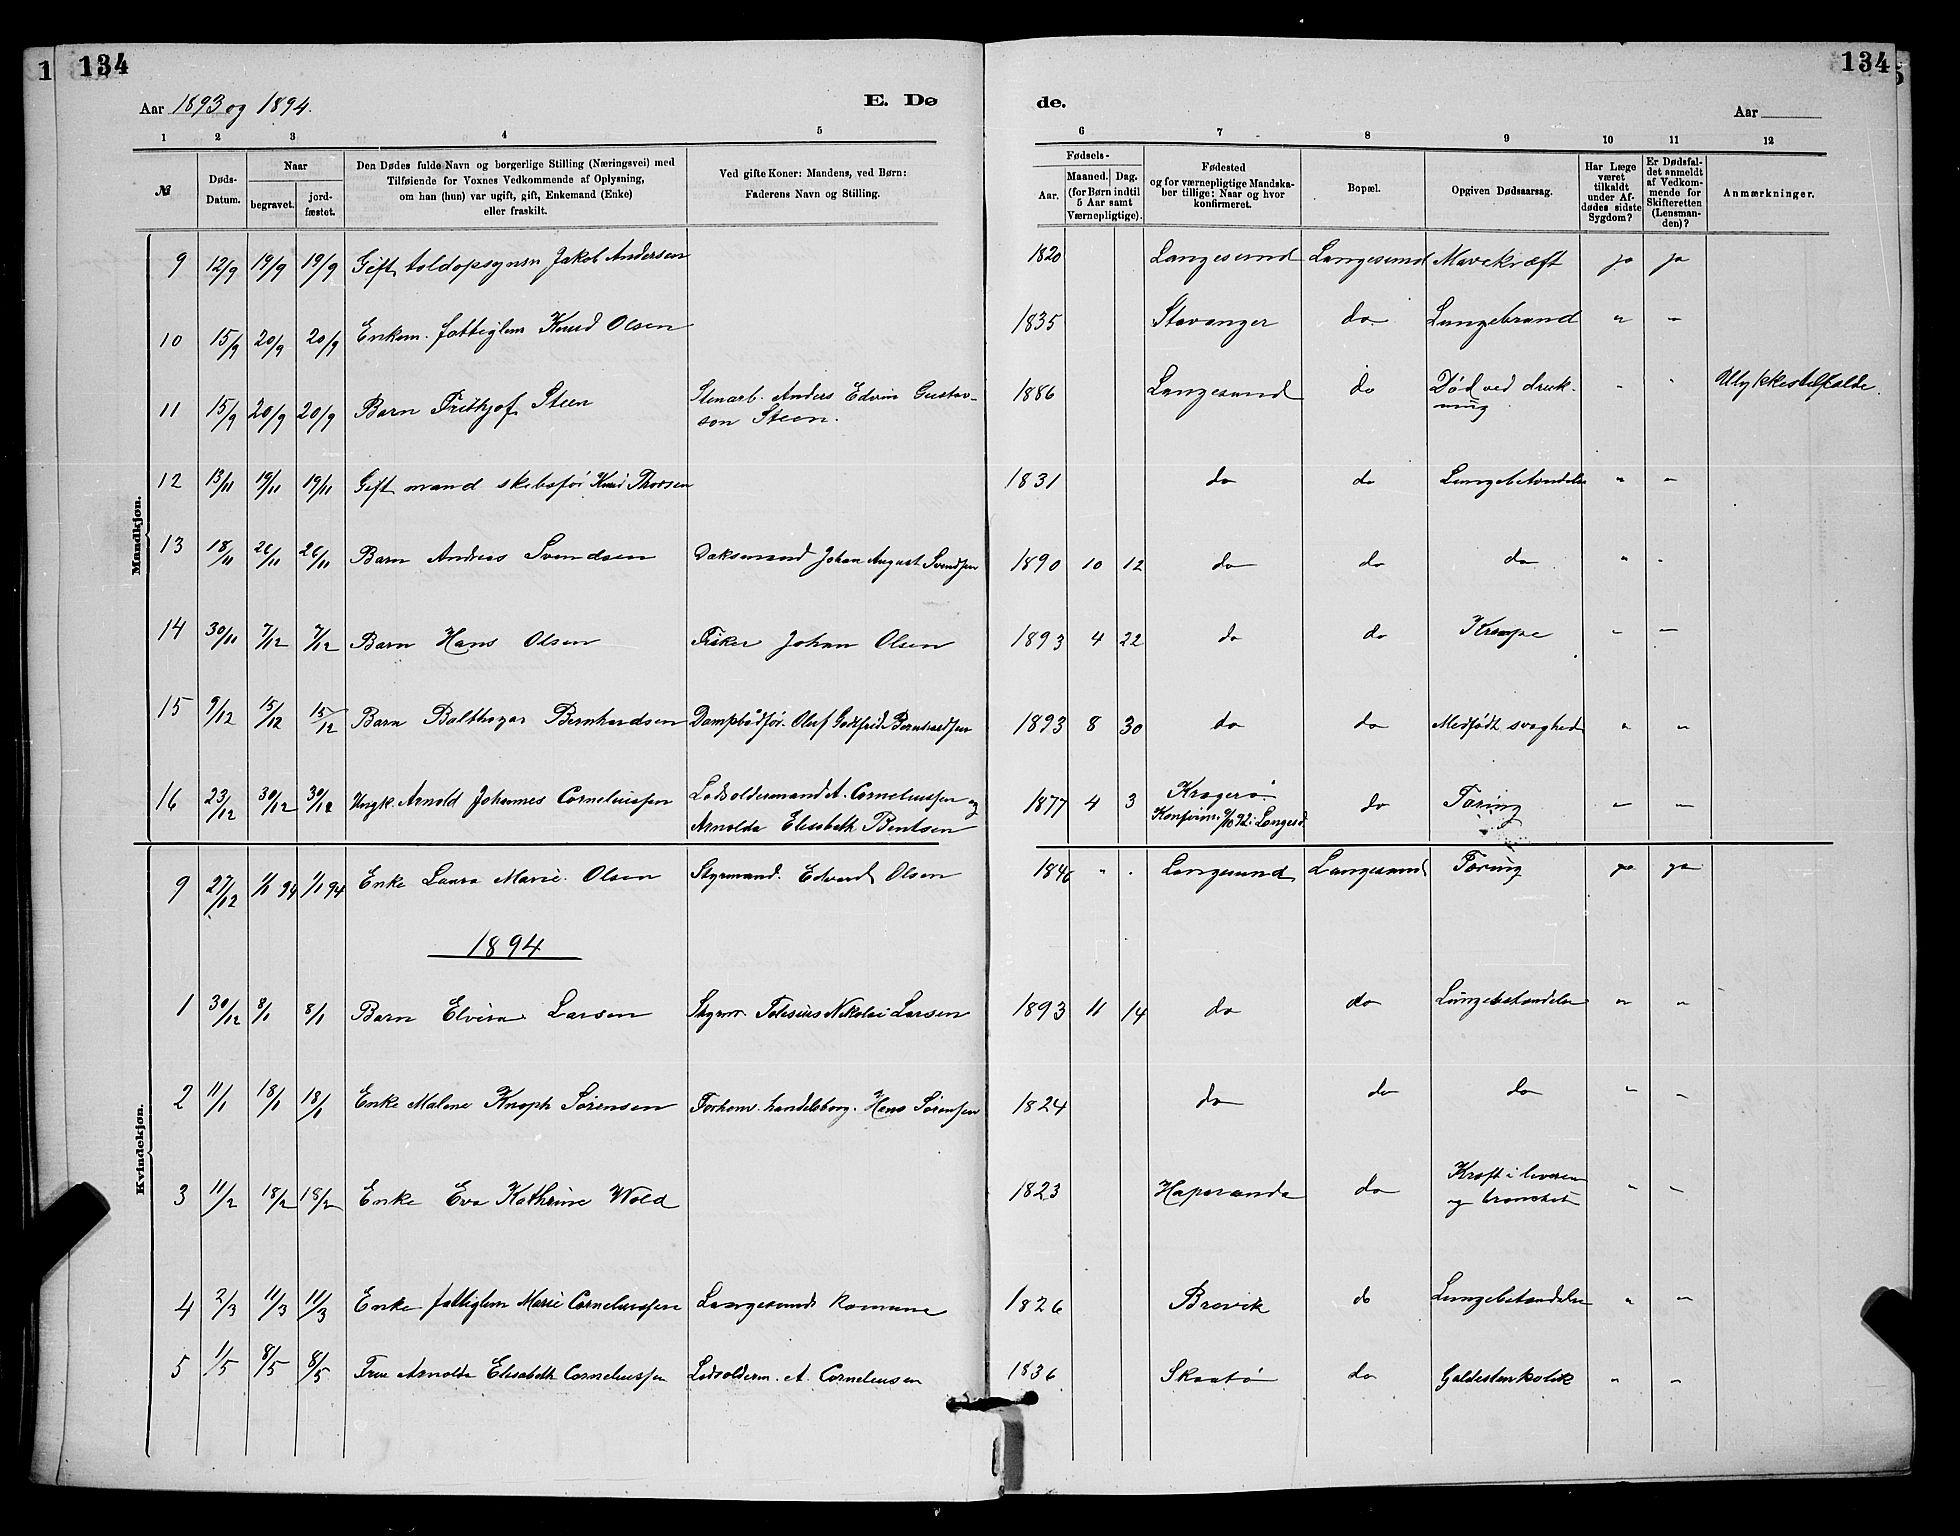 SAKO, Langesund kirkebøker, G/Ga/L0005: Klokkerbok nr. 5, 1884-1898, s. 134